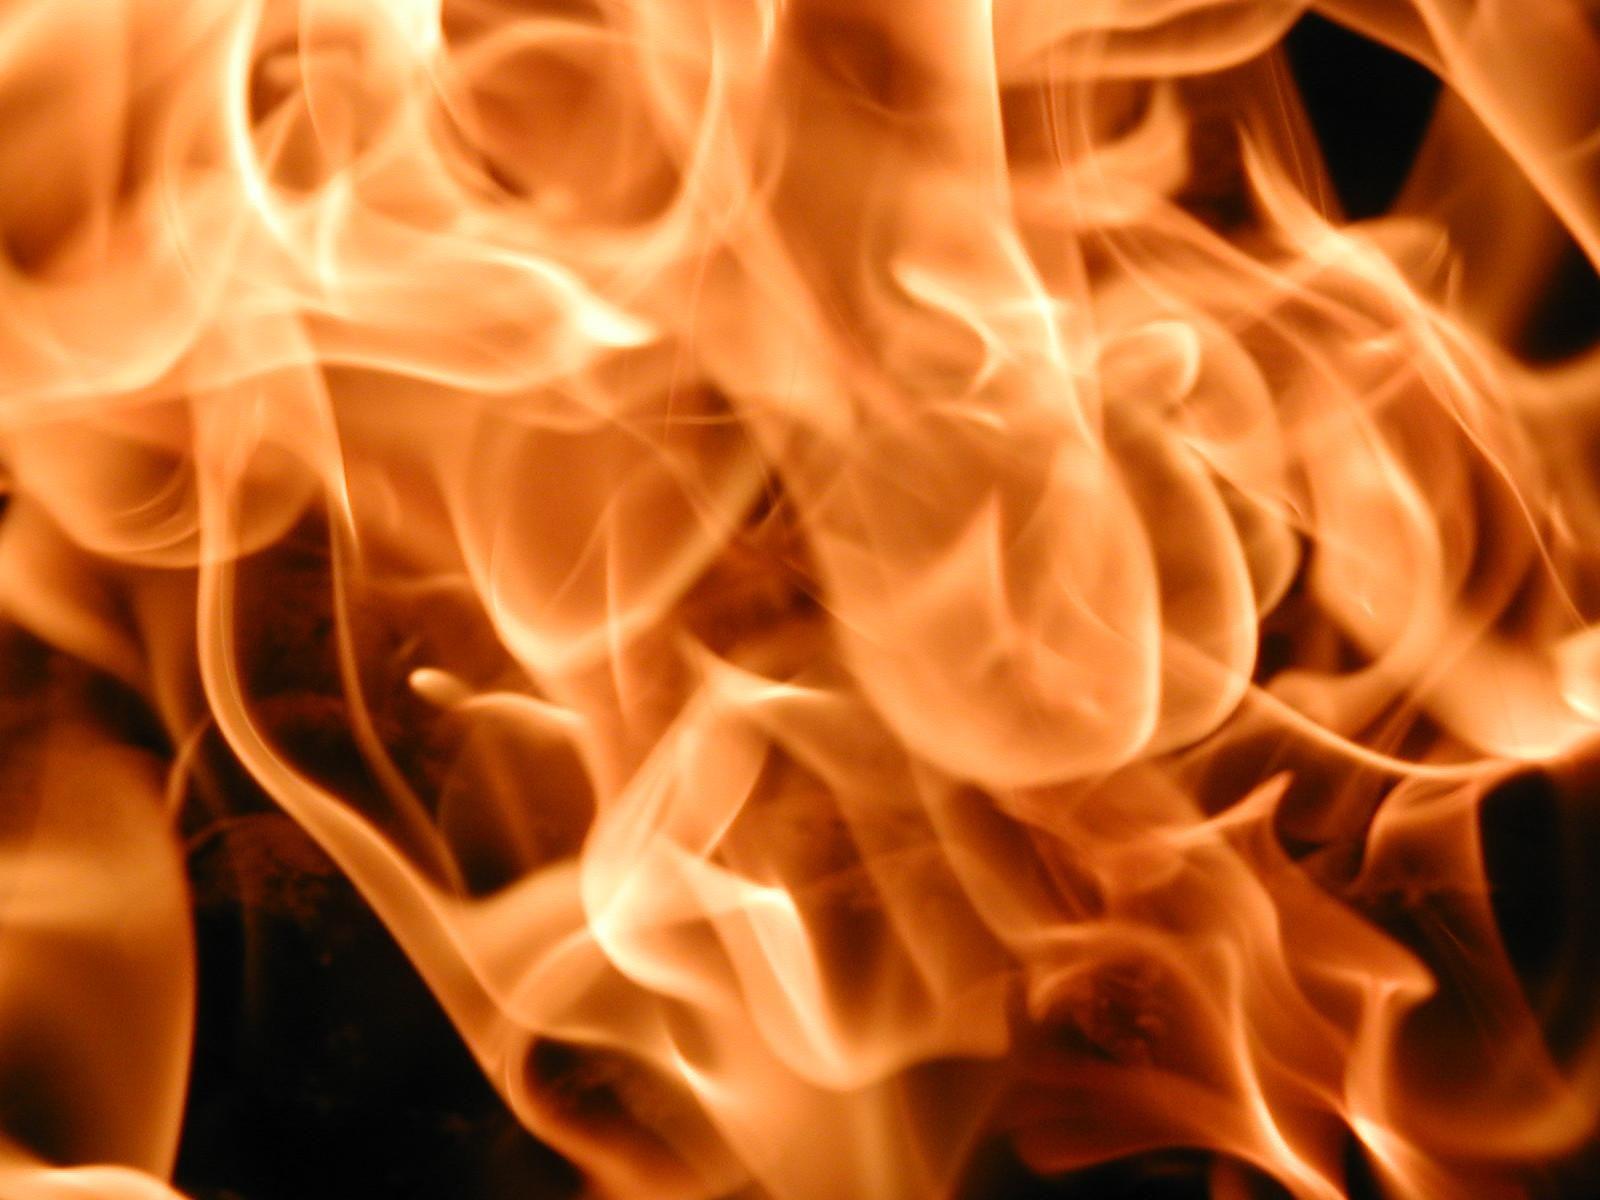 Fire_close_up_texture